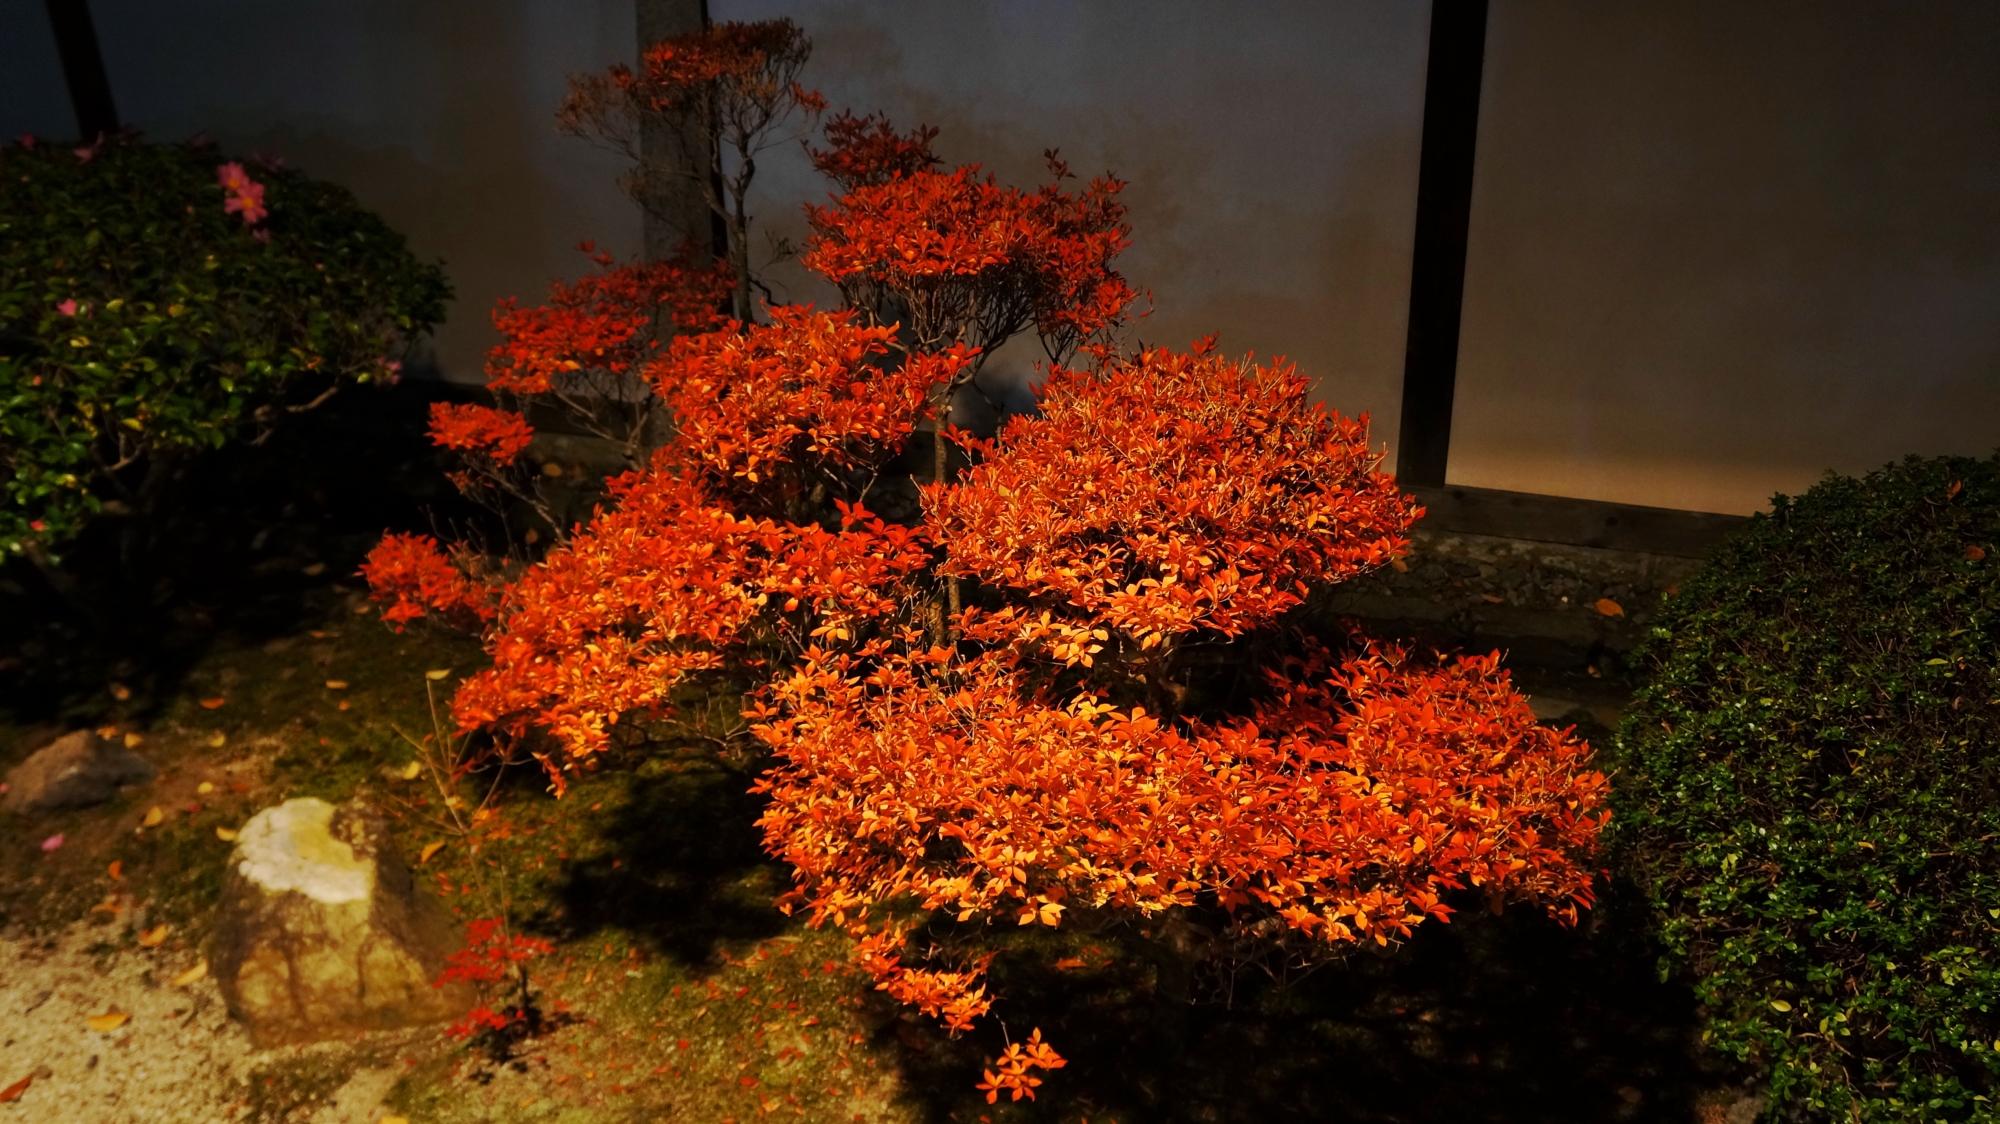 随心院の玄関付近のライトアップされたツツジの紅葉